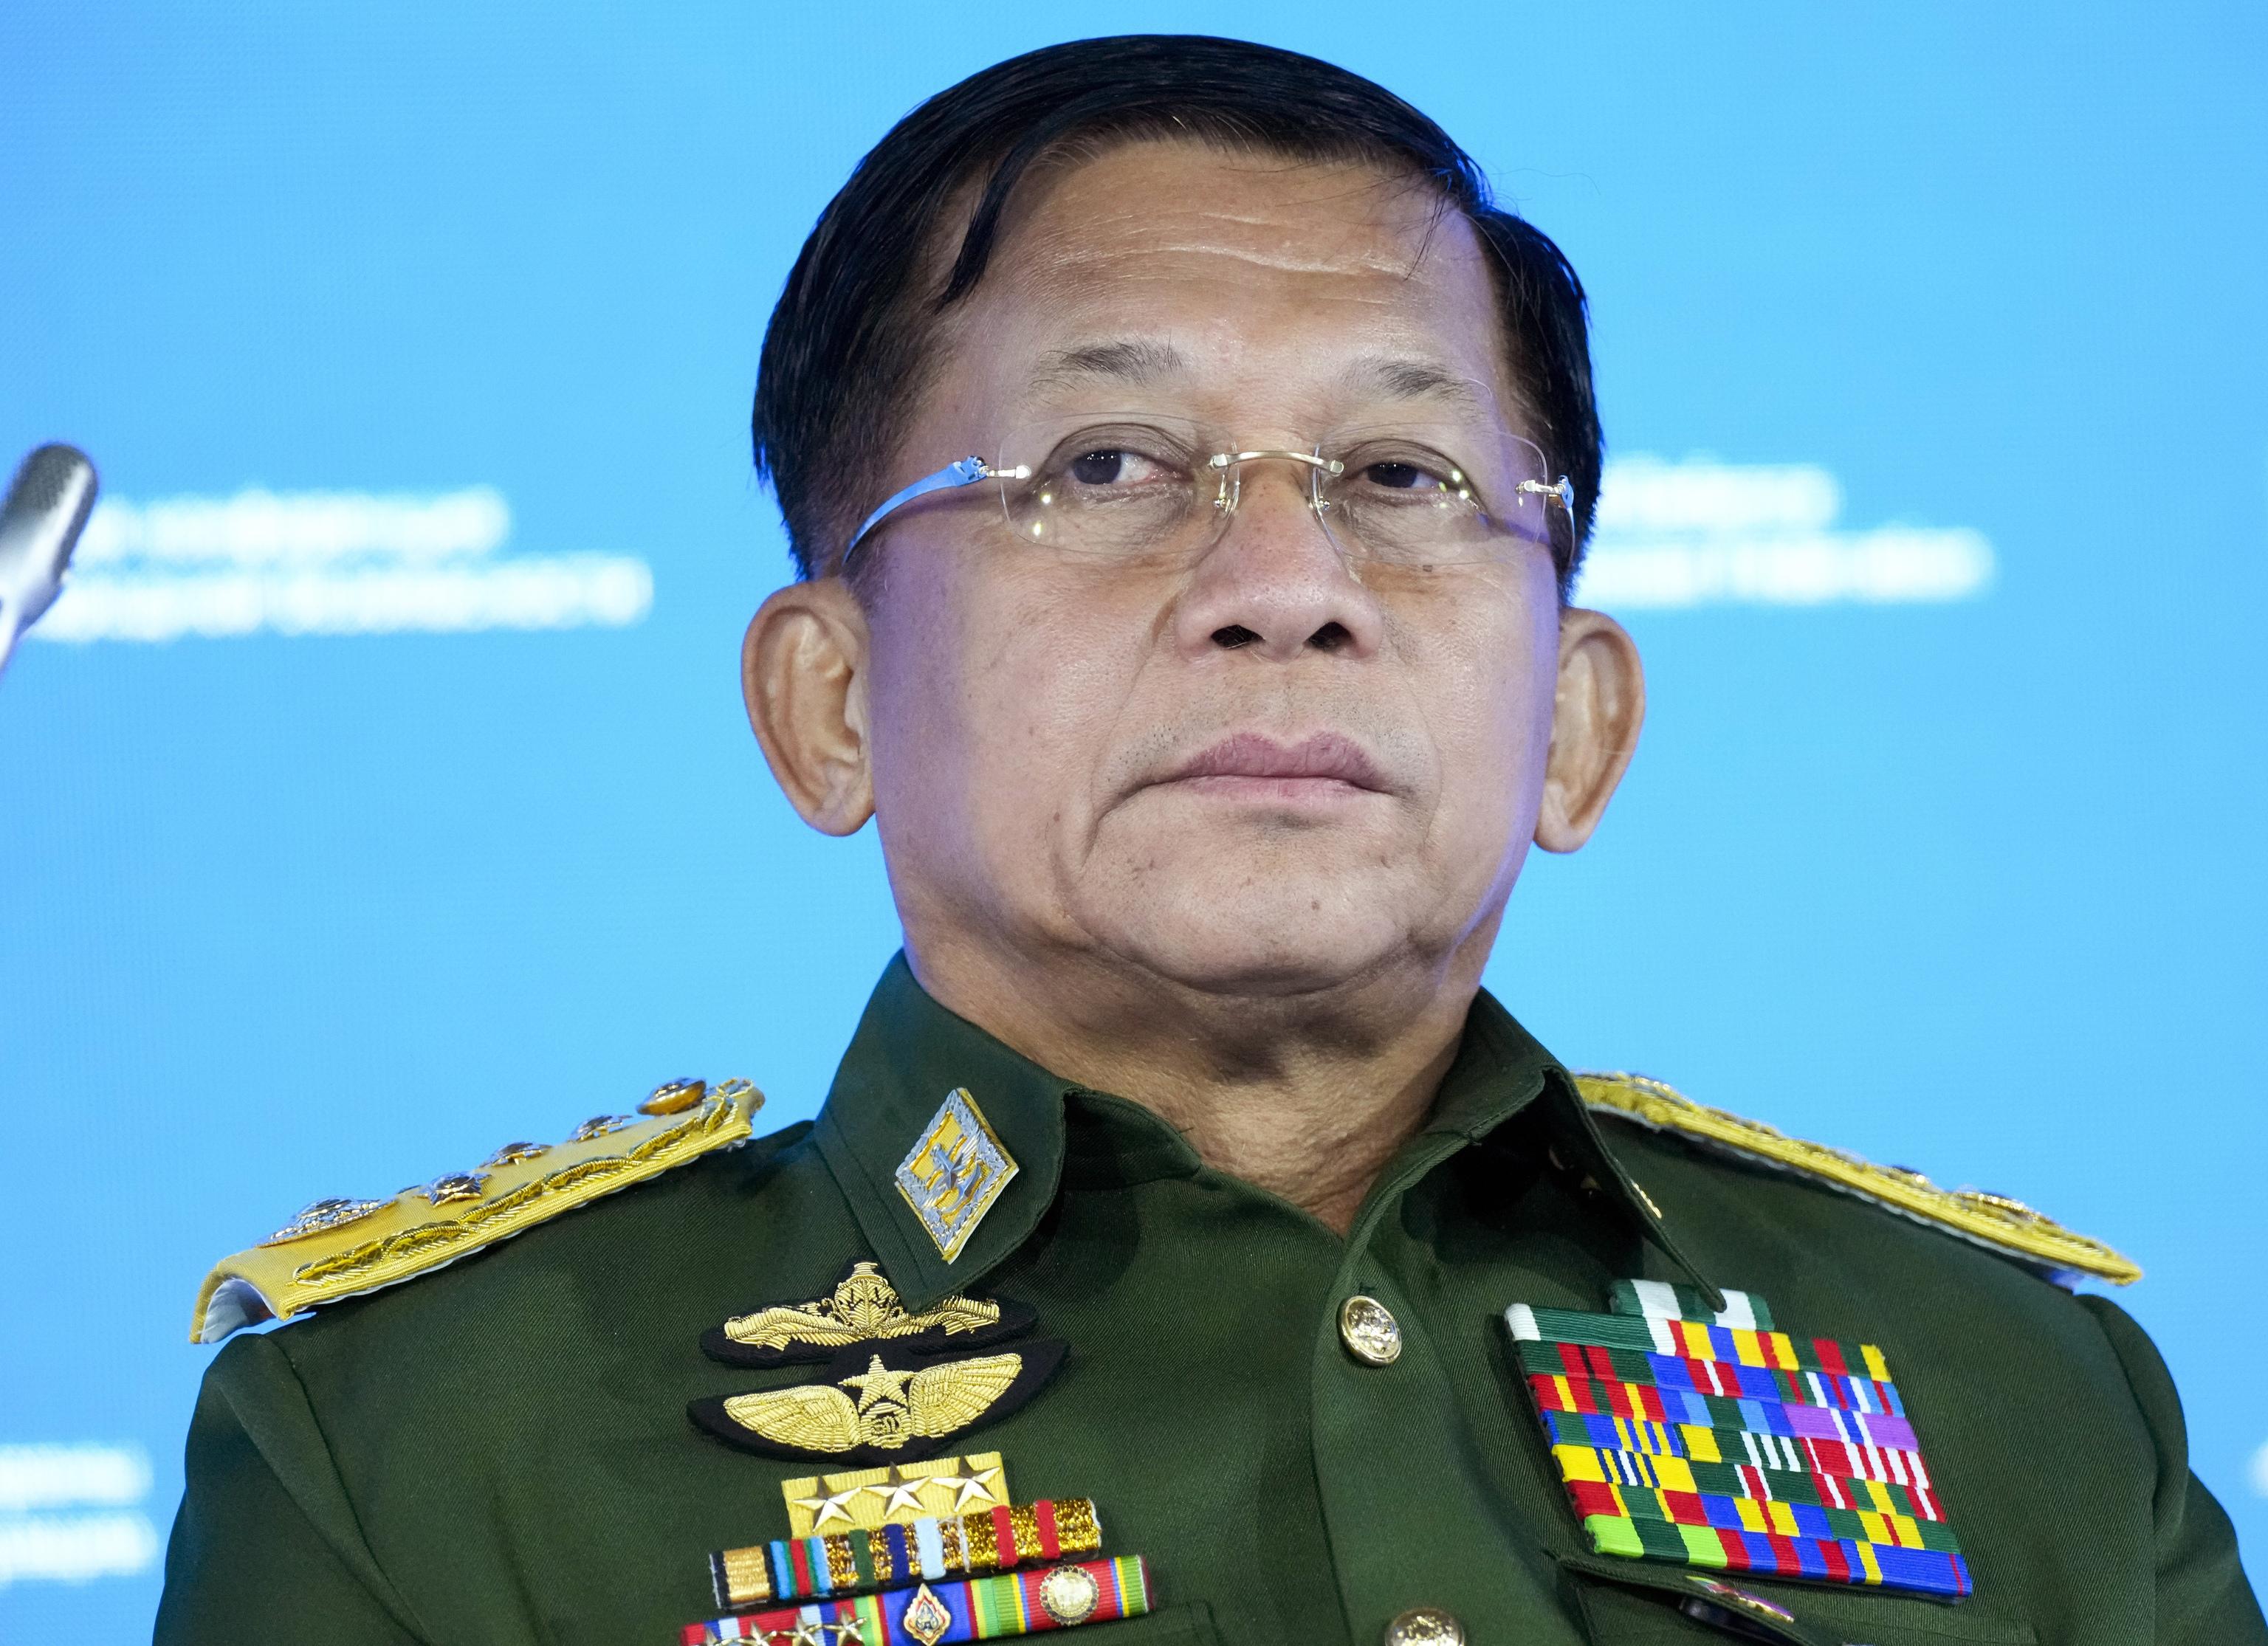 El líder de la junta militar birmana, Min Aung Hlaing.